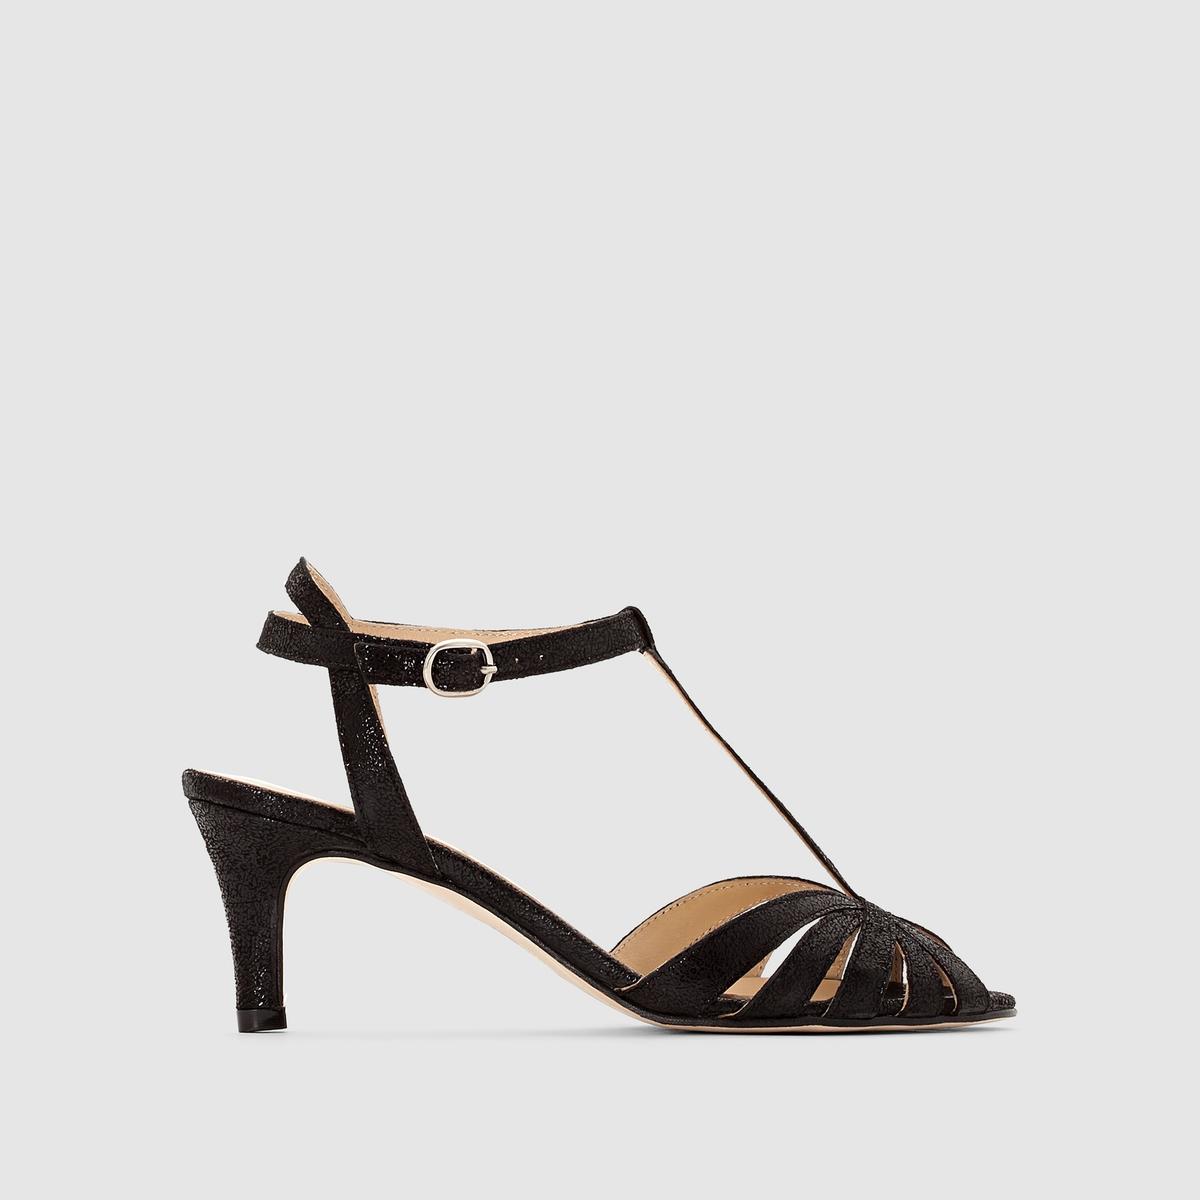 Босоножки кожаные на каблуках, Doliate от JONAK